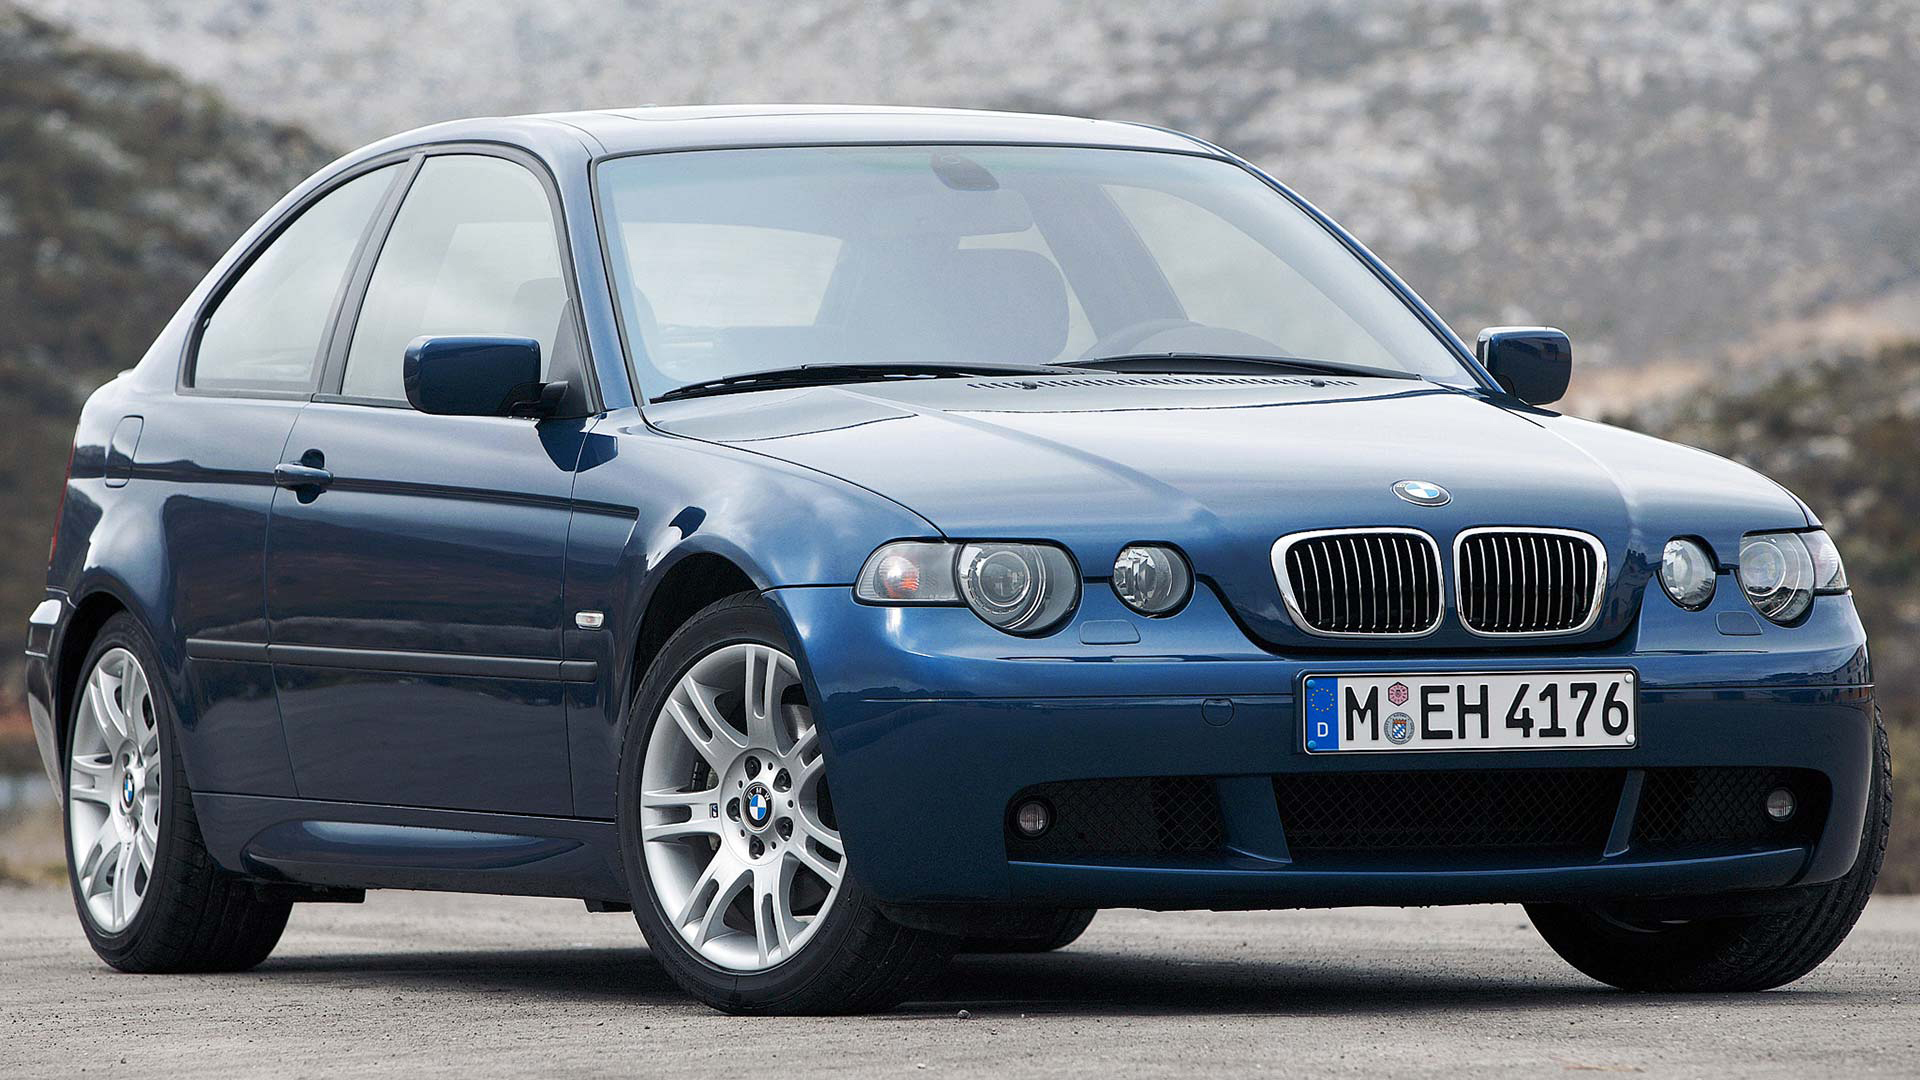 2001 E46 BMW 3 Series Compact